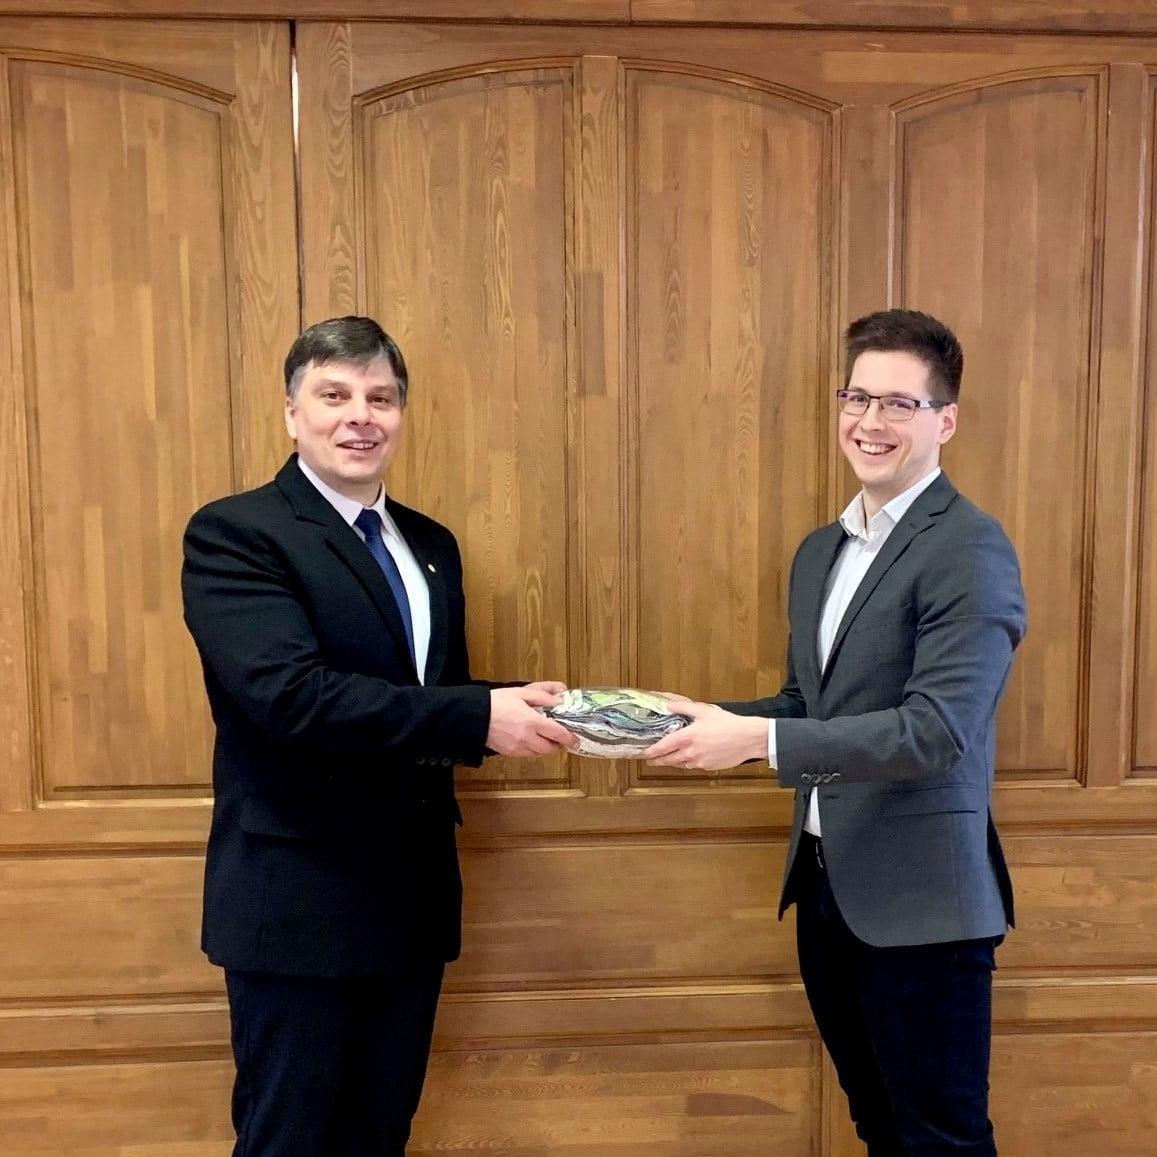 Koncz Tibor a Karcagi Református Egyházközség lelkész-elnöke és Ökrös Dávid elnök. (Kép: Nexus Közösség Facebook)